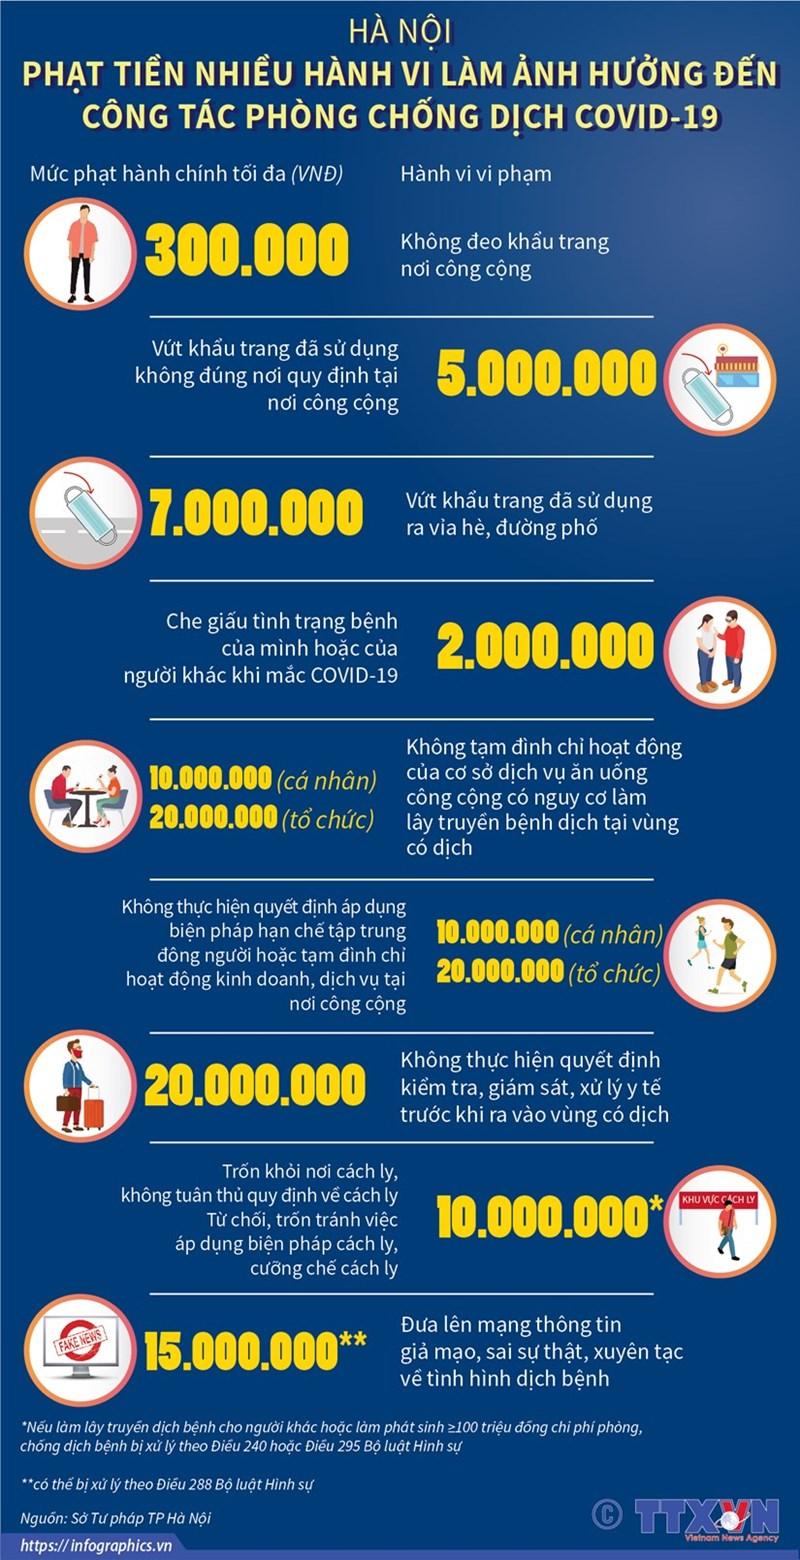 [Infographics] Hà Nội: Phạt tiền nhiều hành vi ảnh hưởng đến việc phòng chống dịch - Ảnh 1